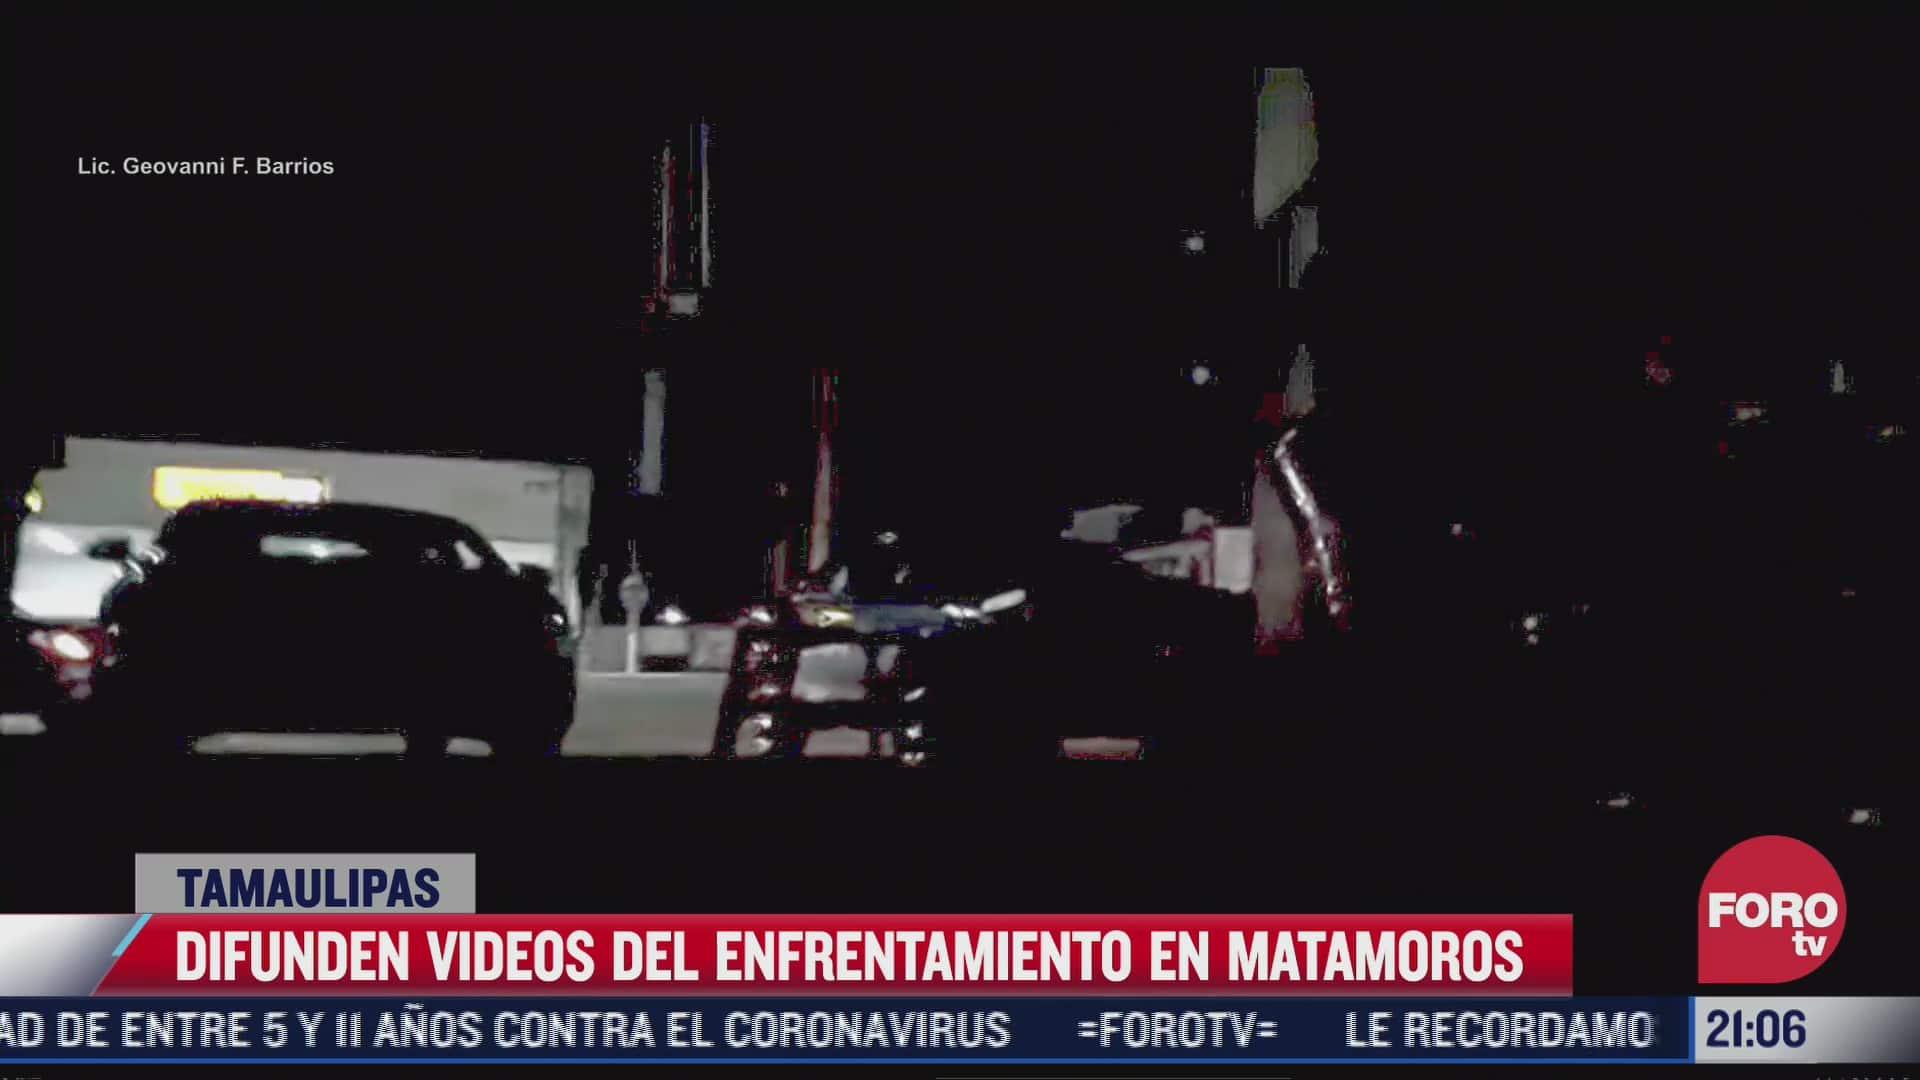 difunden videos del enfrentamiento en matamoros tamaulipas